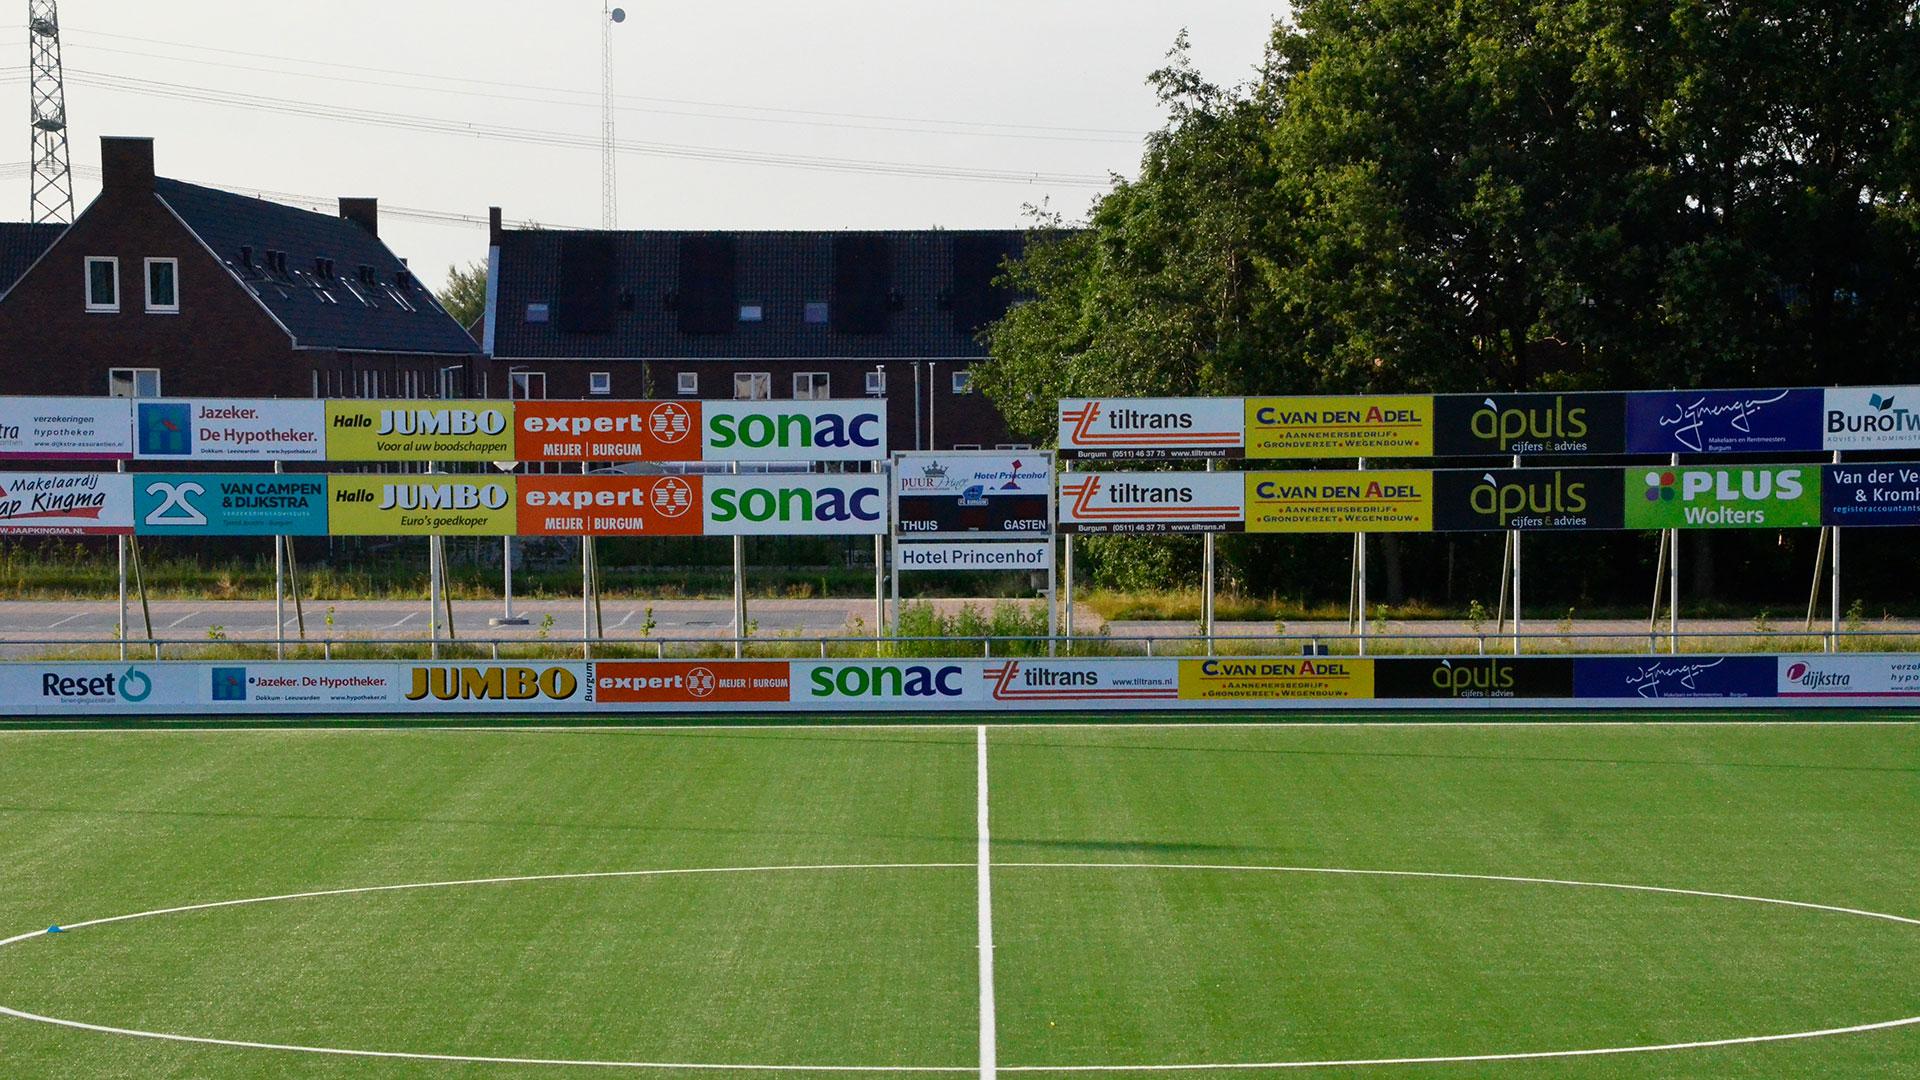 De sponsors in zicht